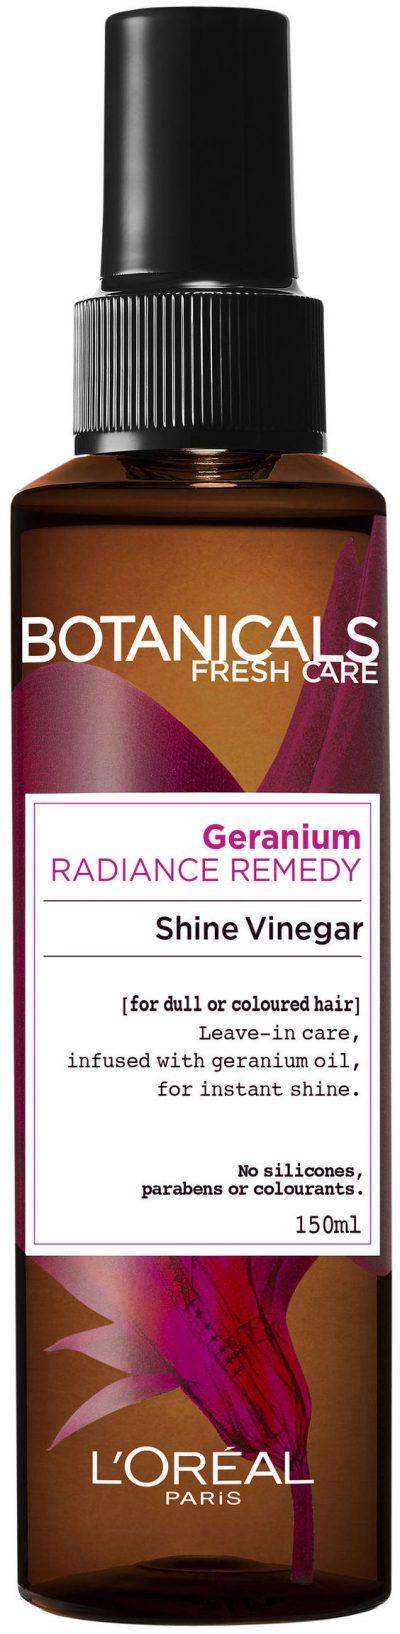 """סרום לשיער צבוע 150 מ""""ל L'Oréal Paris Botanicals Fresh Care Geranium Shine Vinegar"""